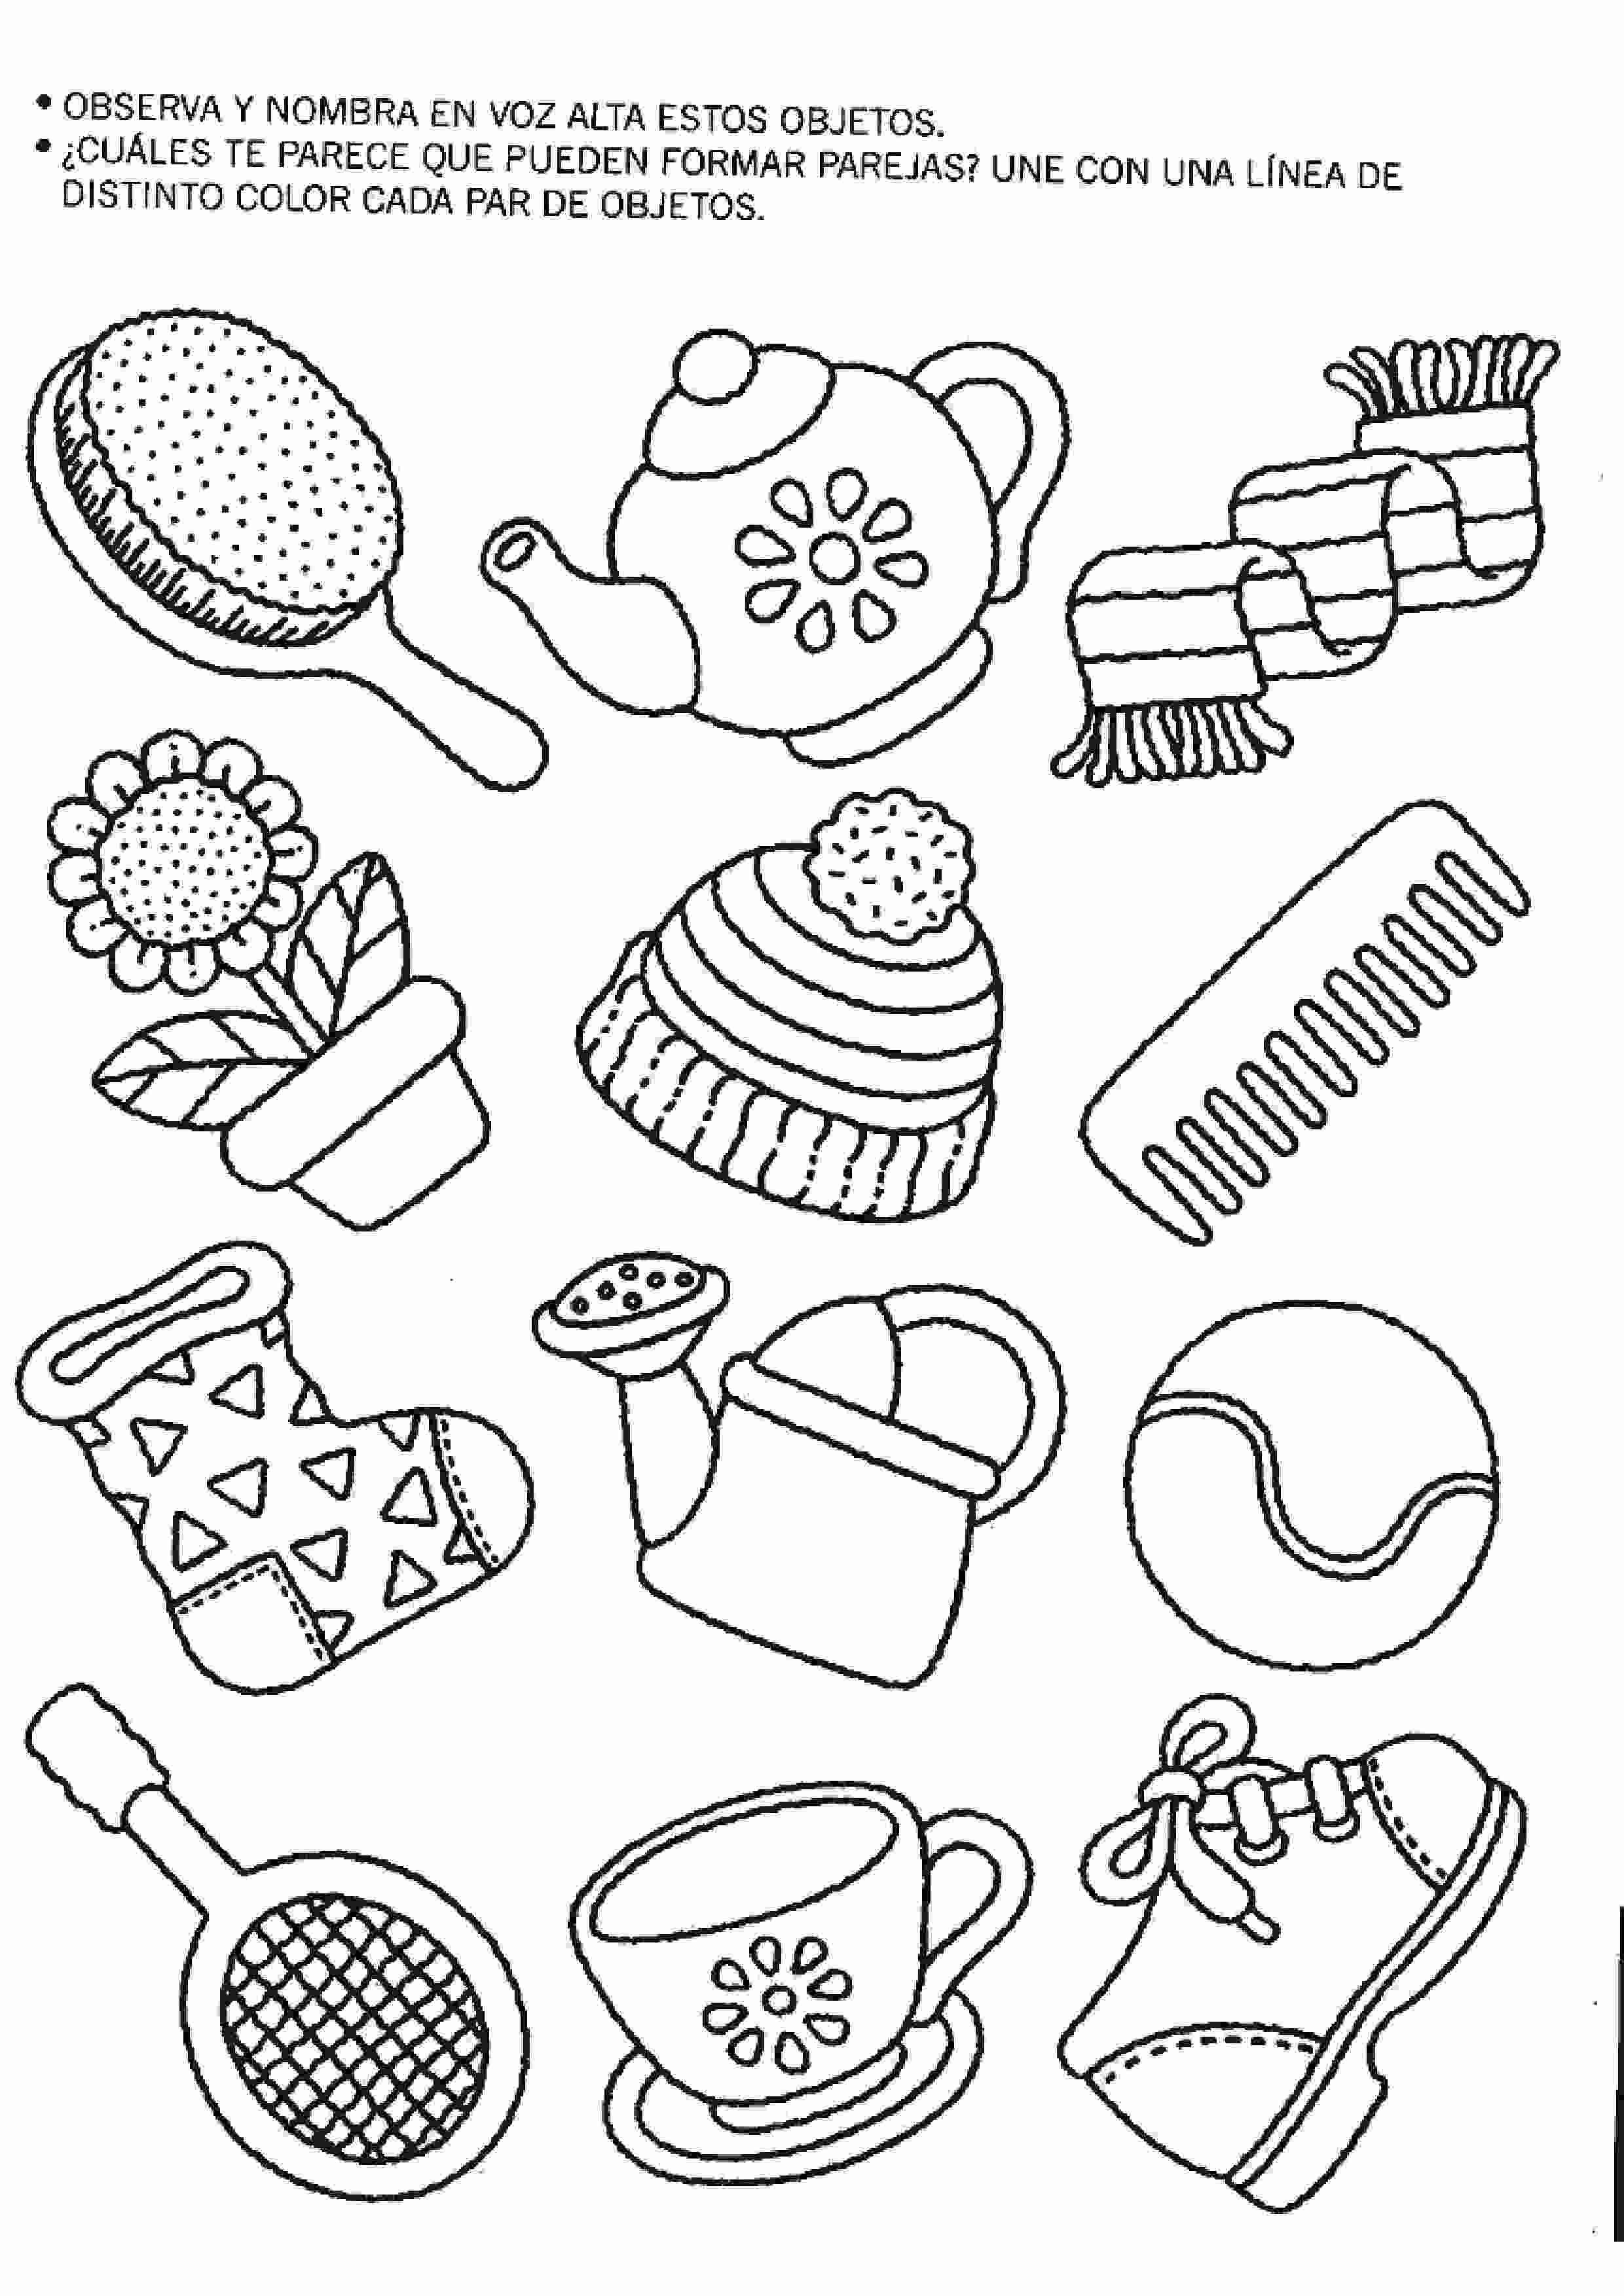 Encantador Juegos De Colorear Dibujos Para Niños Pequeños | Colore ...